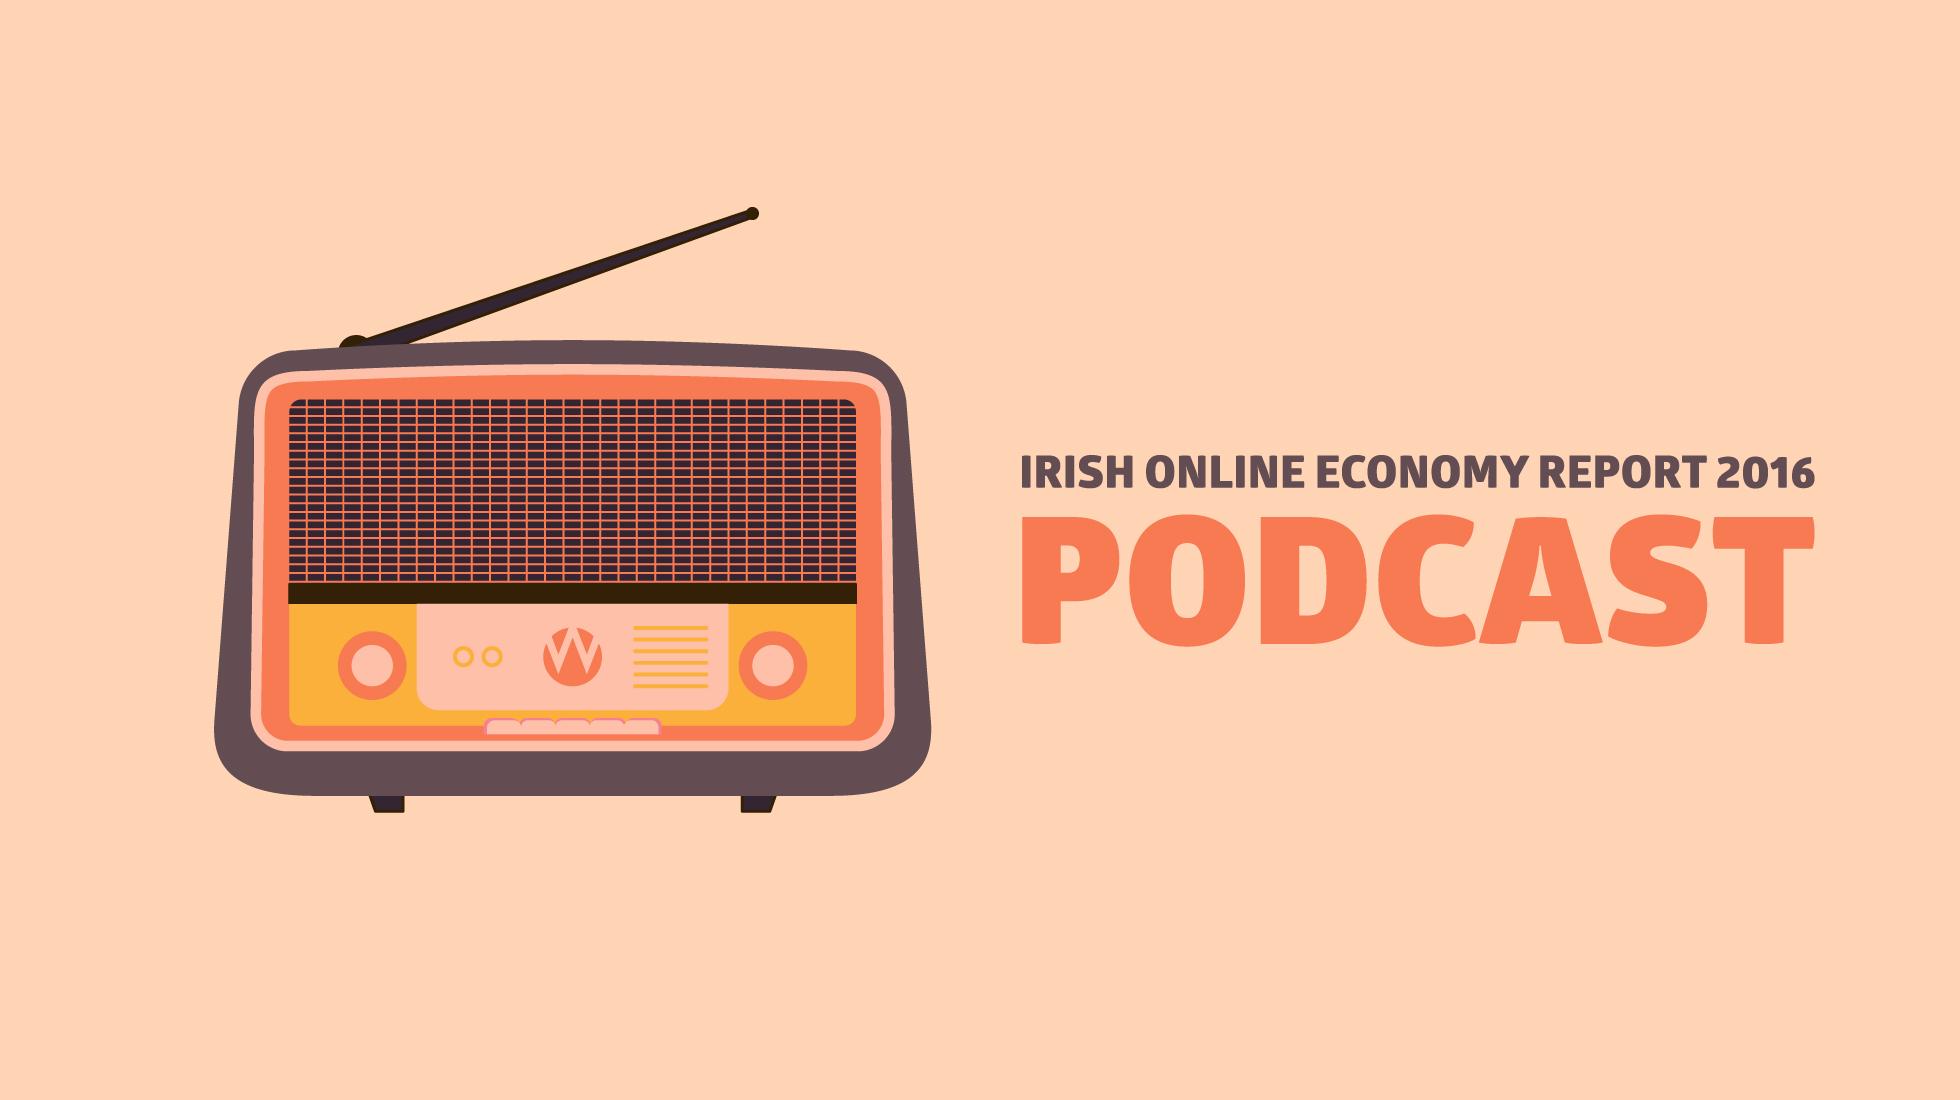 Online Economy Report 2016 - Podcast